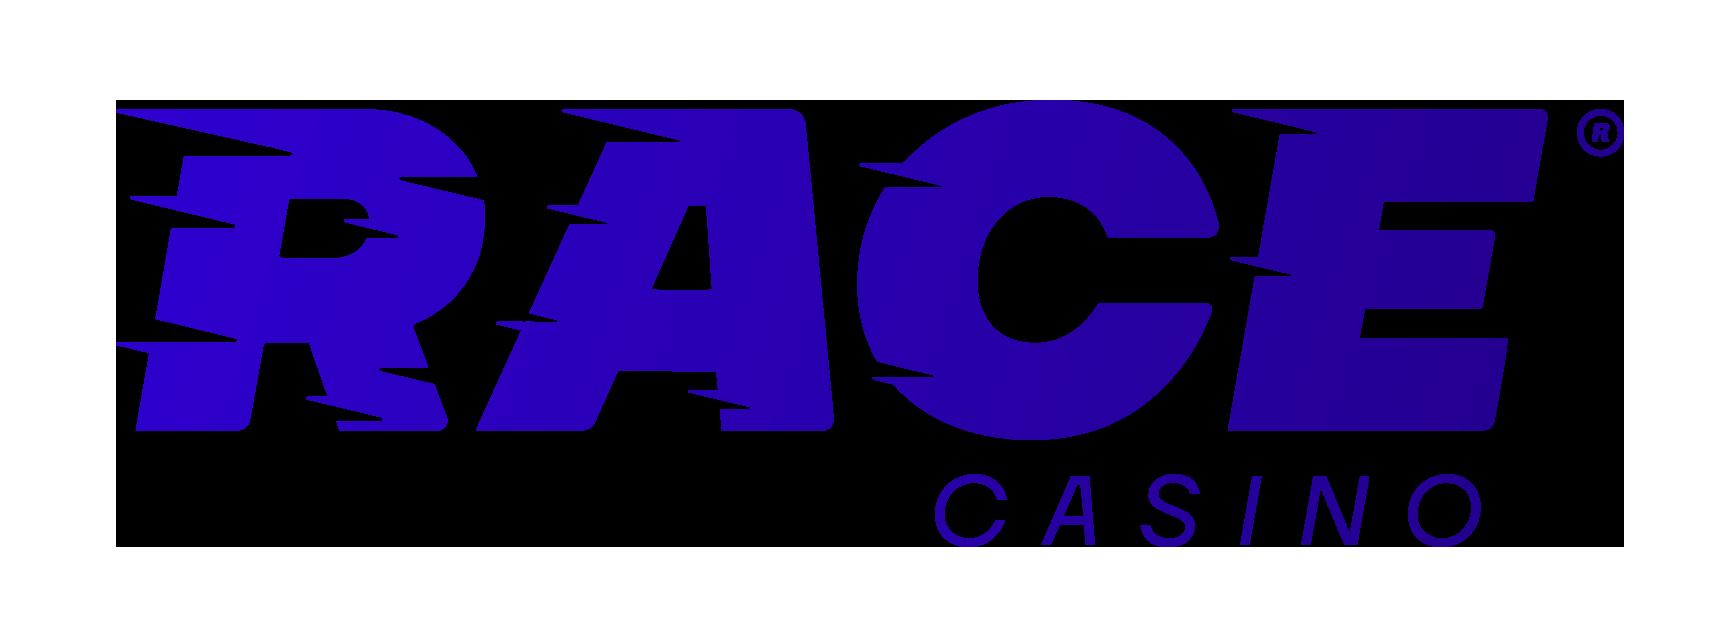 Få nya casinon under 2020